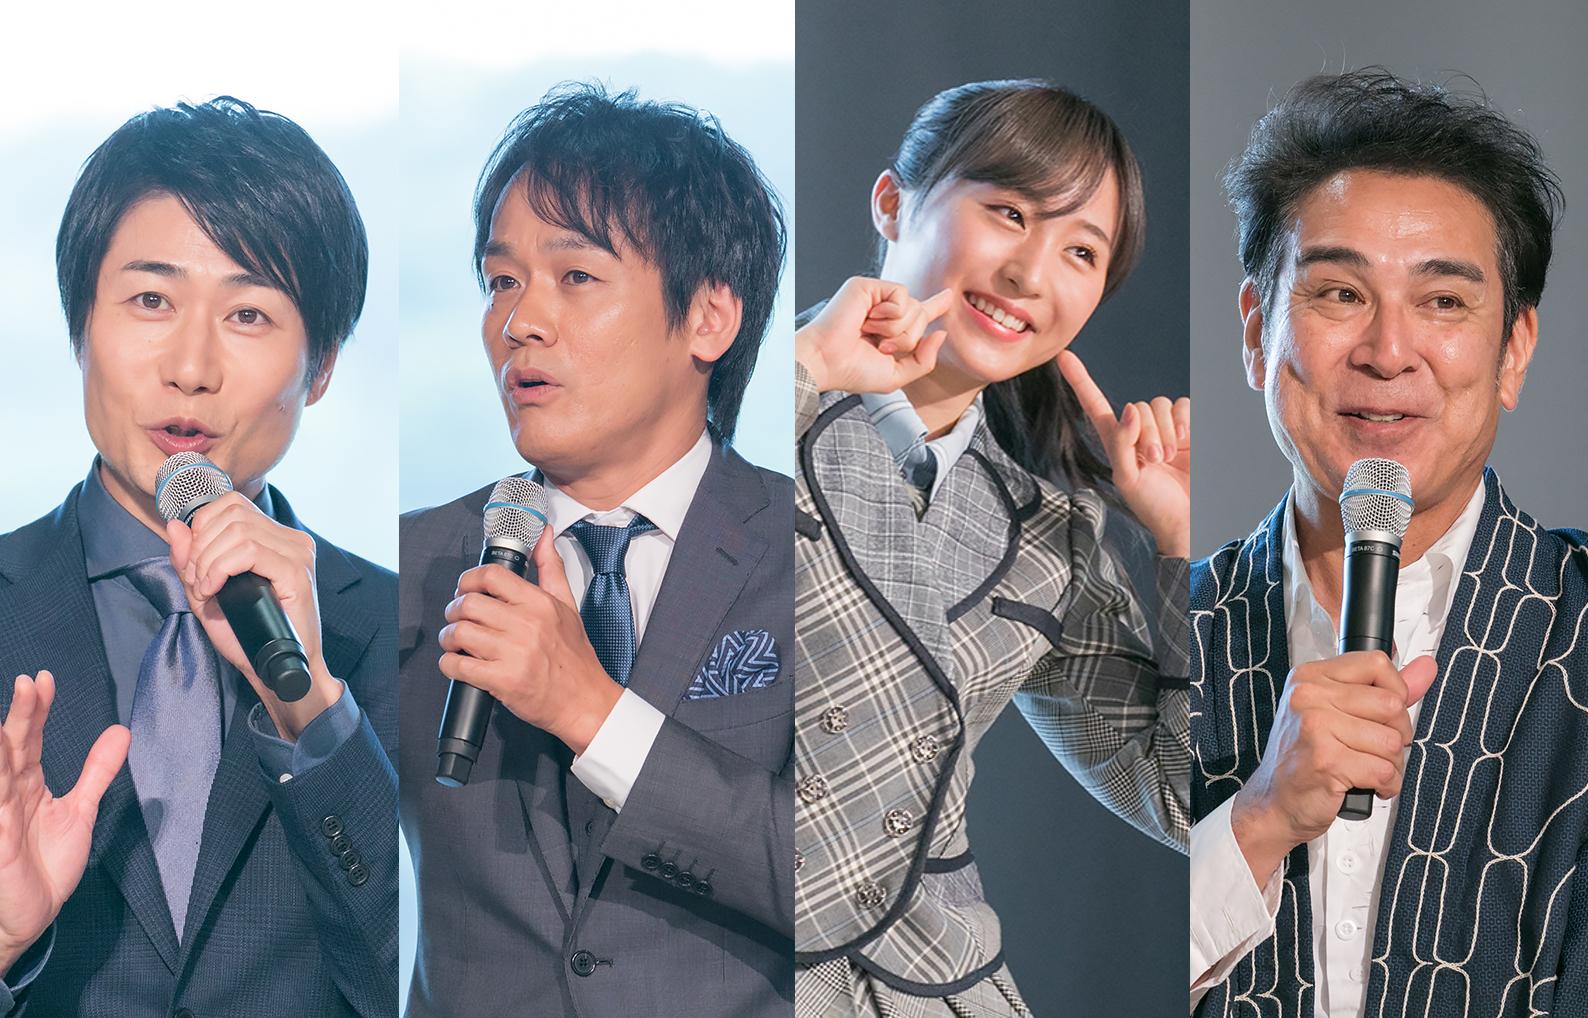 ウポポイ開業セレモニー開催―宇梶剛士さんAKB48坂口渚沙さんらが出演